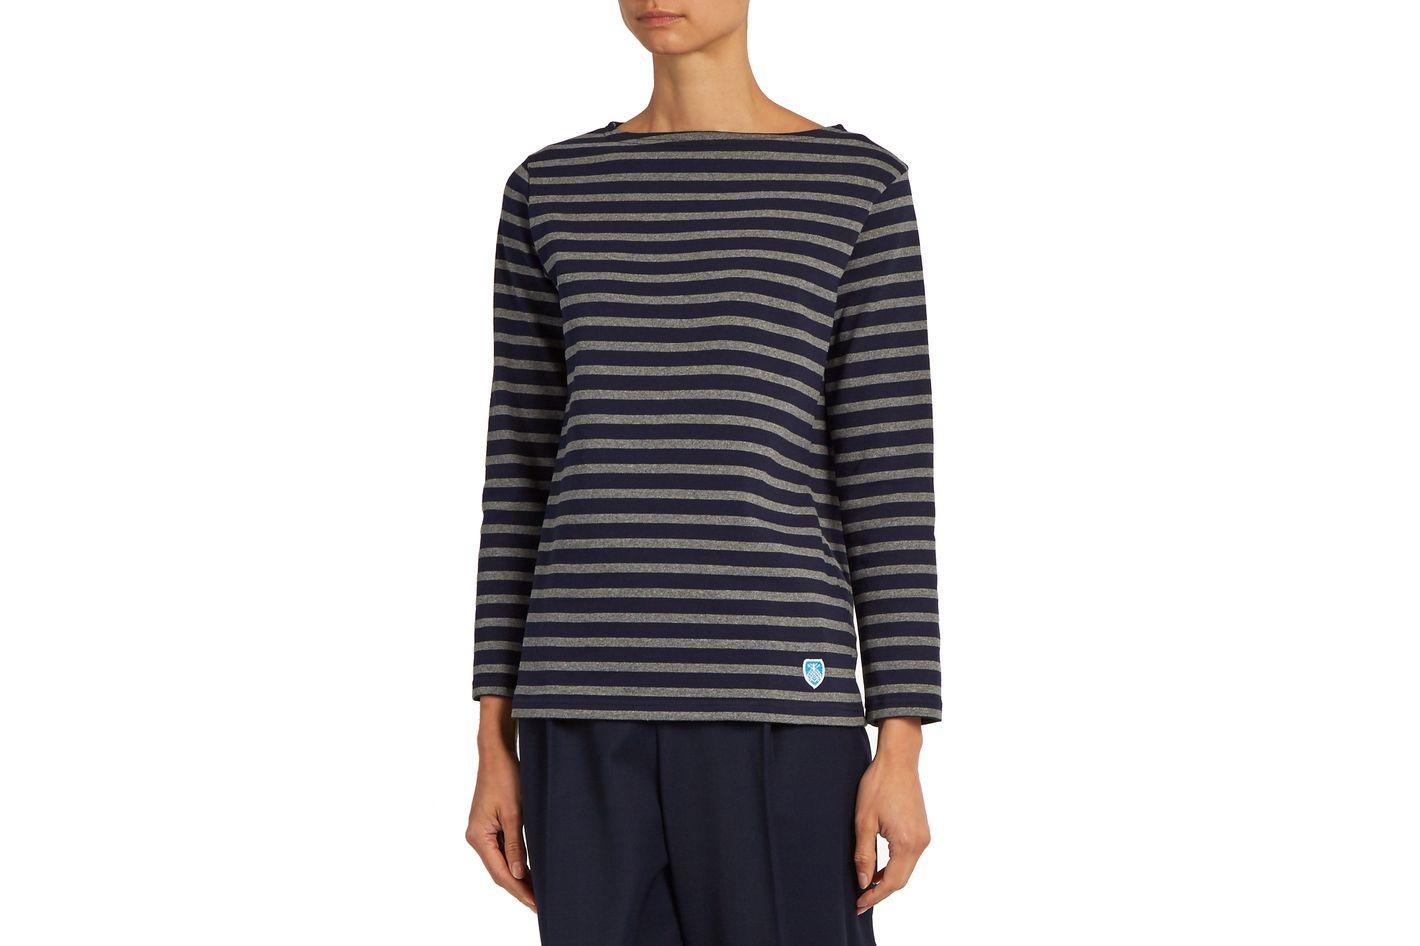 Orcival Breton-Striped Cotton Top